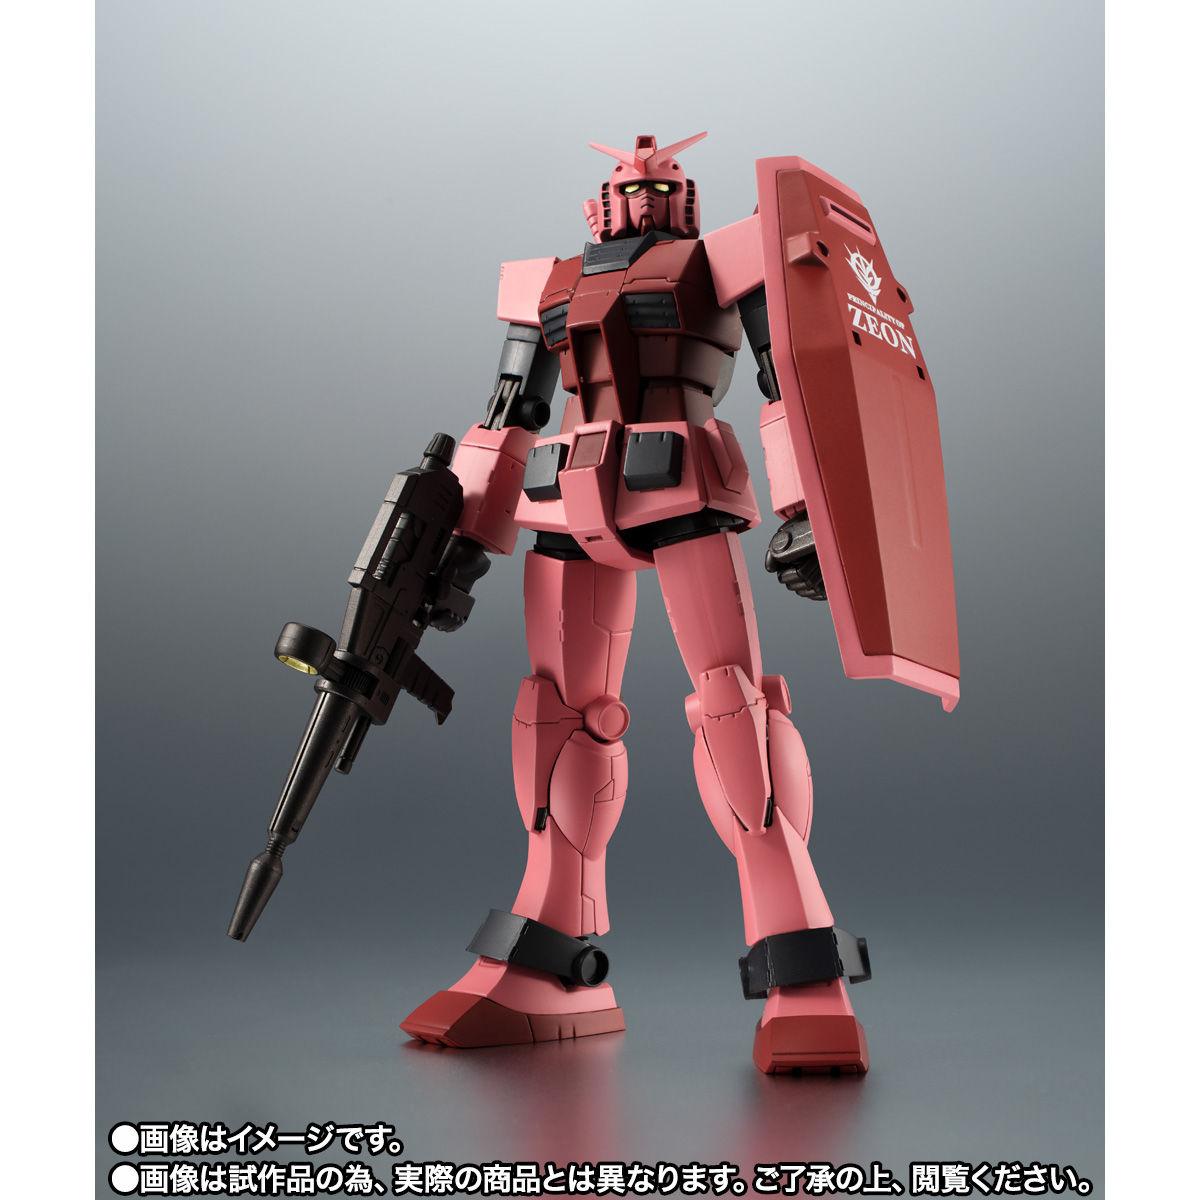 【限定販売】ROBOT魂〈SIDE MS〉『RX-78/C.A キャスバル専用ガンダム ver. A.N.I.M.E.』ギレンの野望 可動フィギュア-002